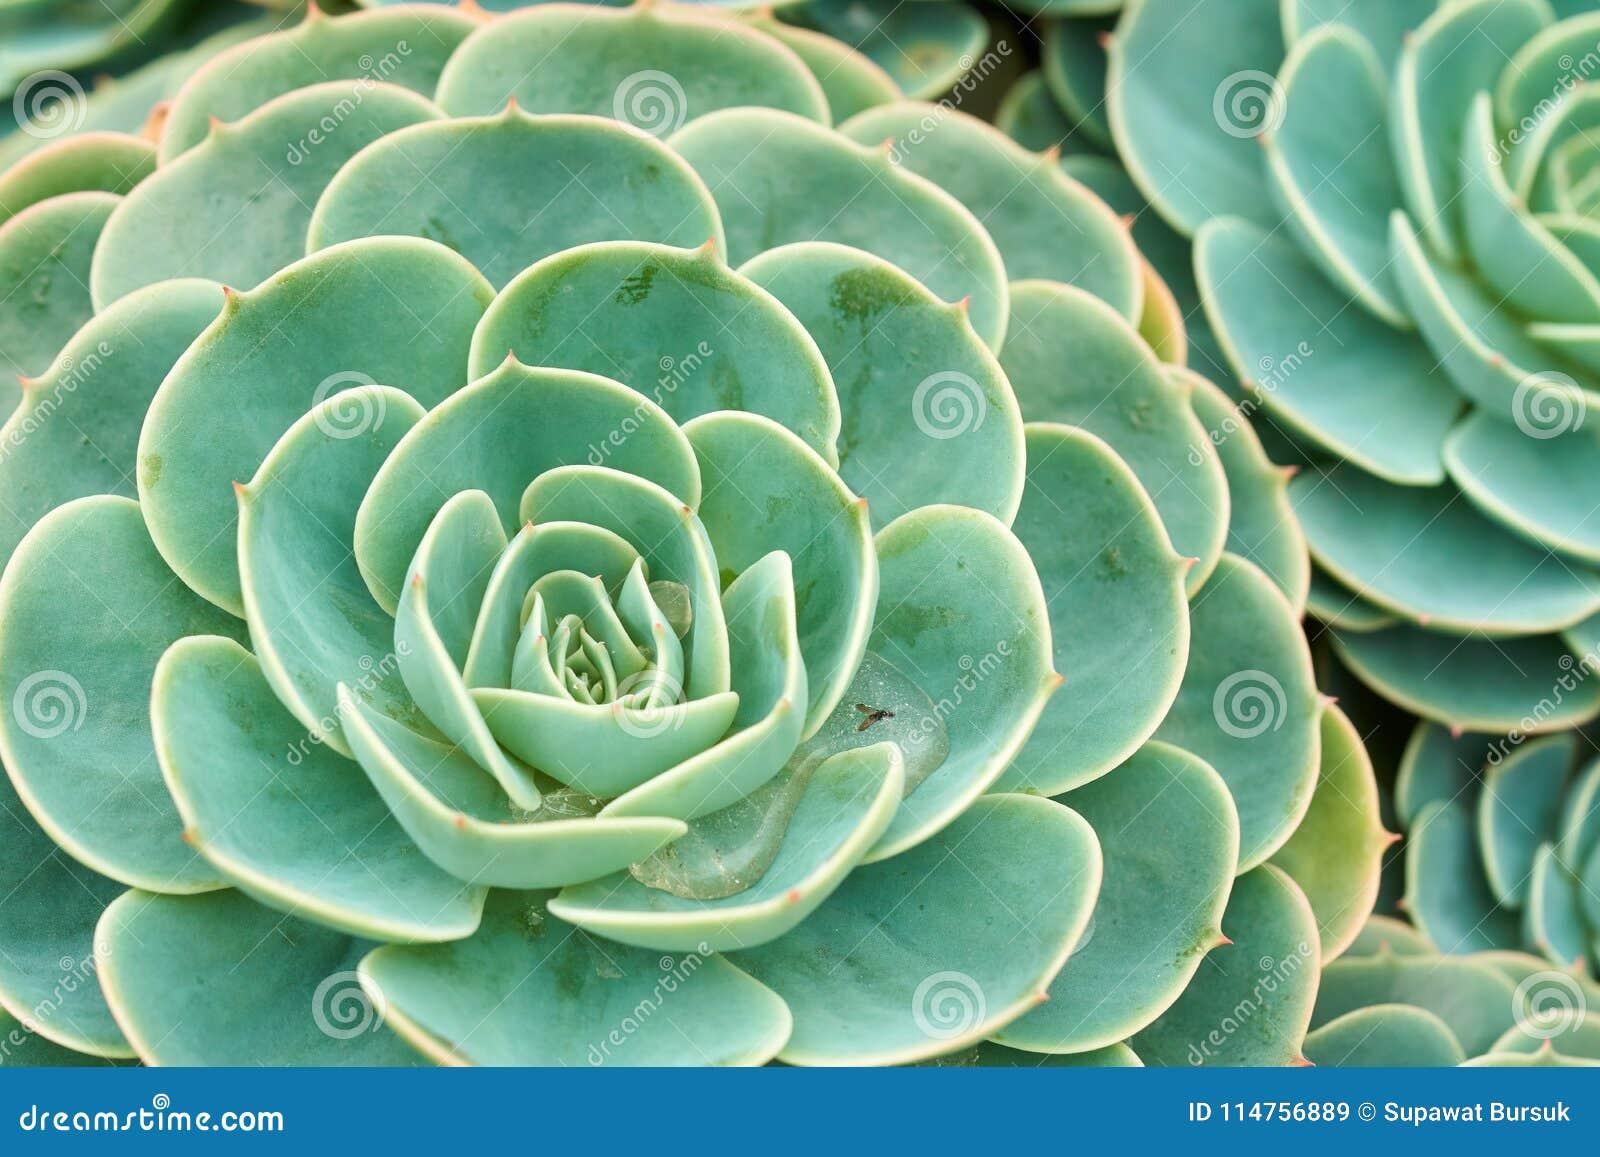 Cactus And Succulent Echeveria Crassulaceae Echeveria Spa